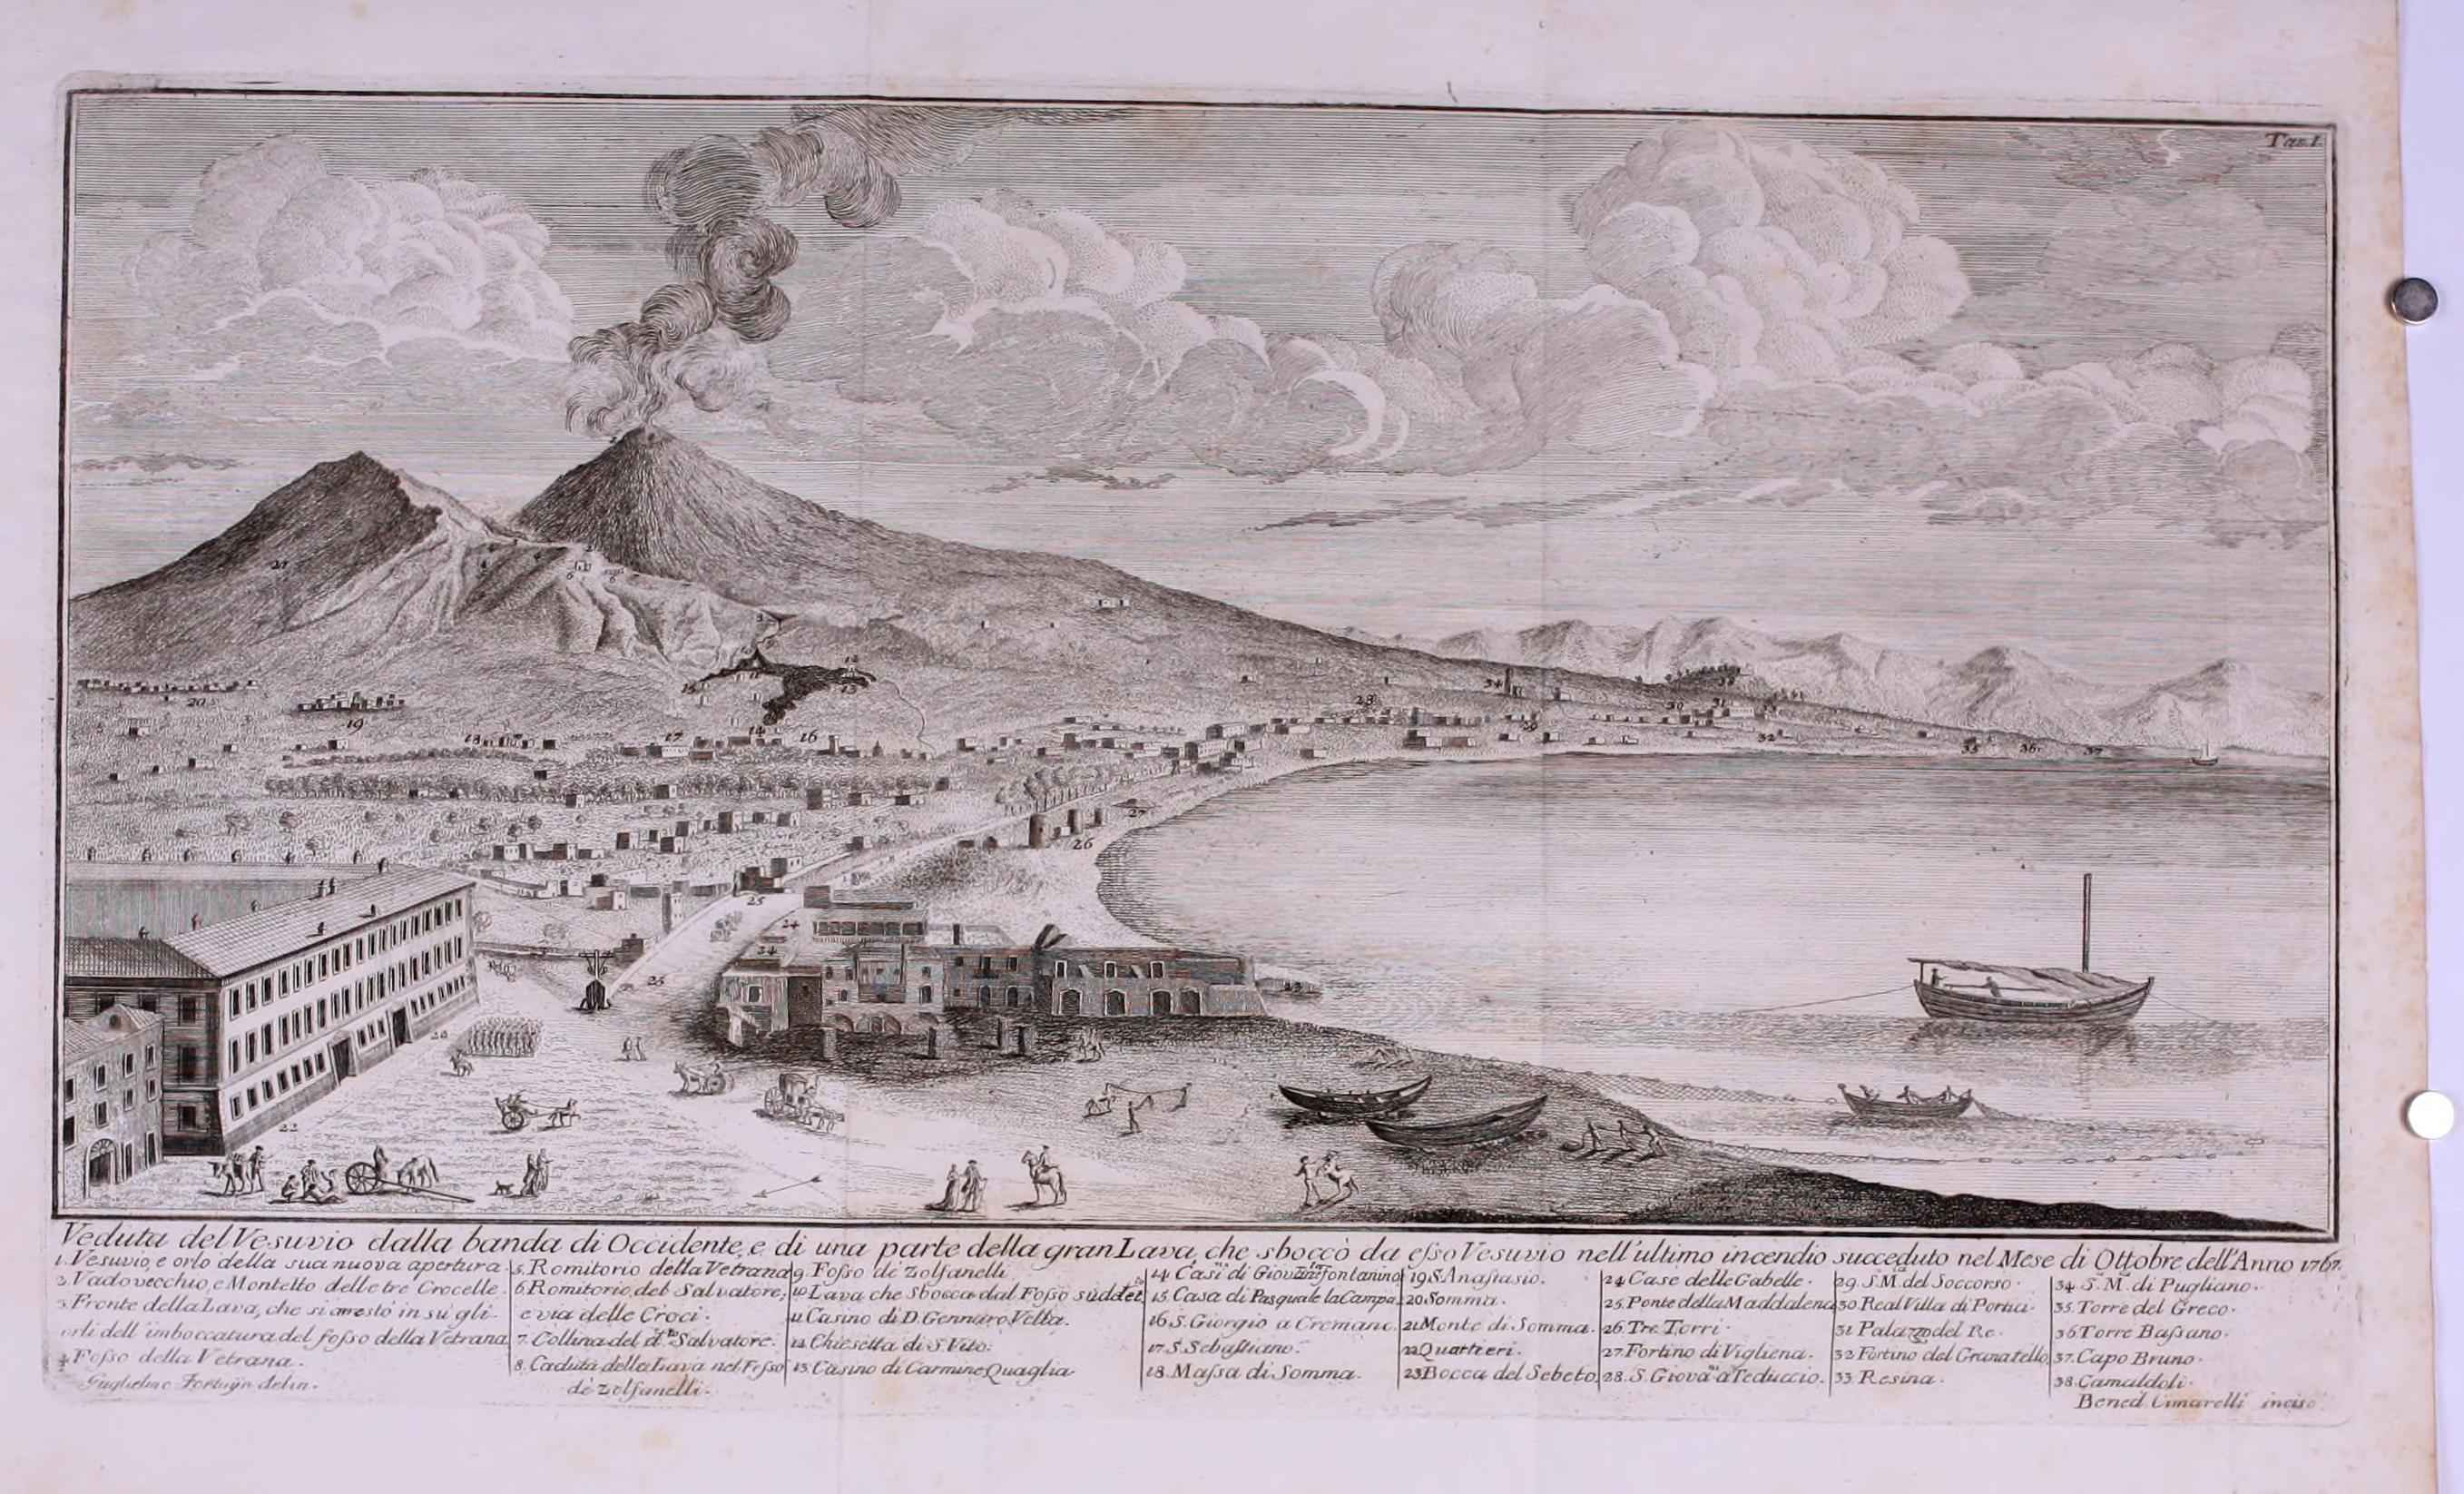 Gaetano De Bottis - Gaetao De Bottis - Ragionamento istorico dell'incendio del Vesuvio accaduto nel mese di Ottobre del MDCCLXVII - vesuvioweb 2016